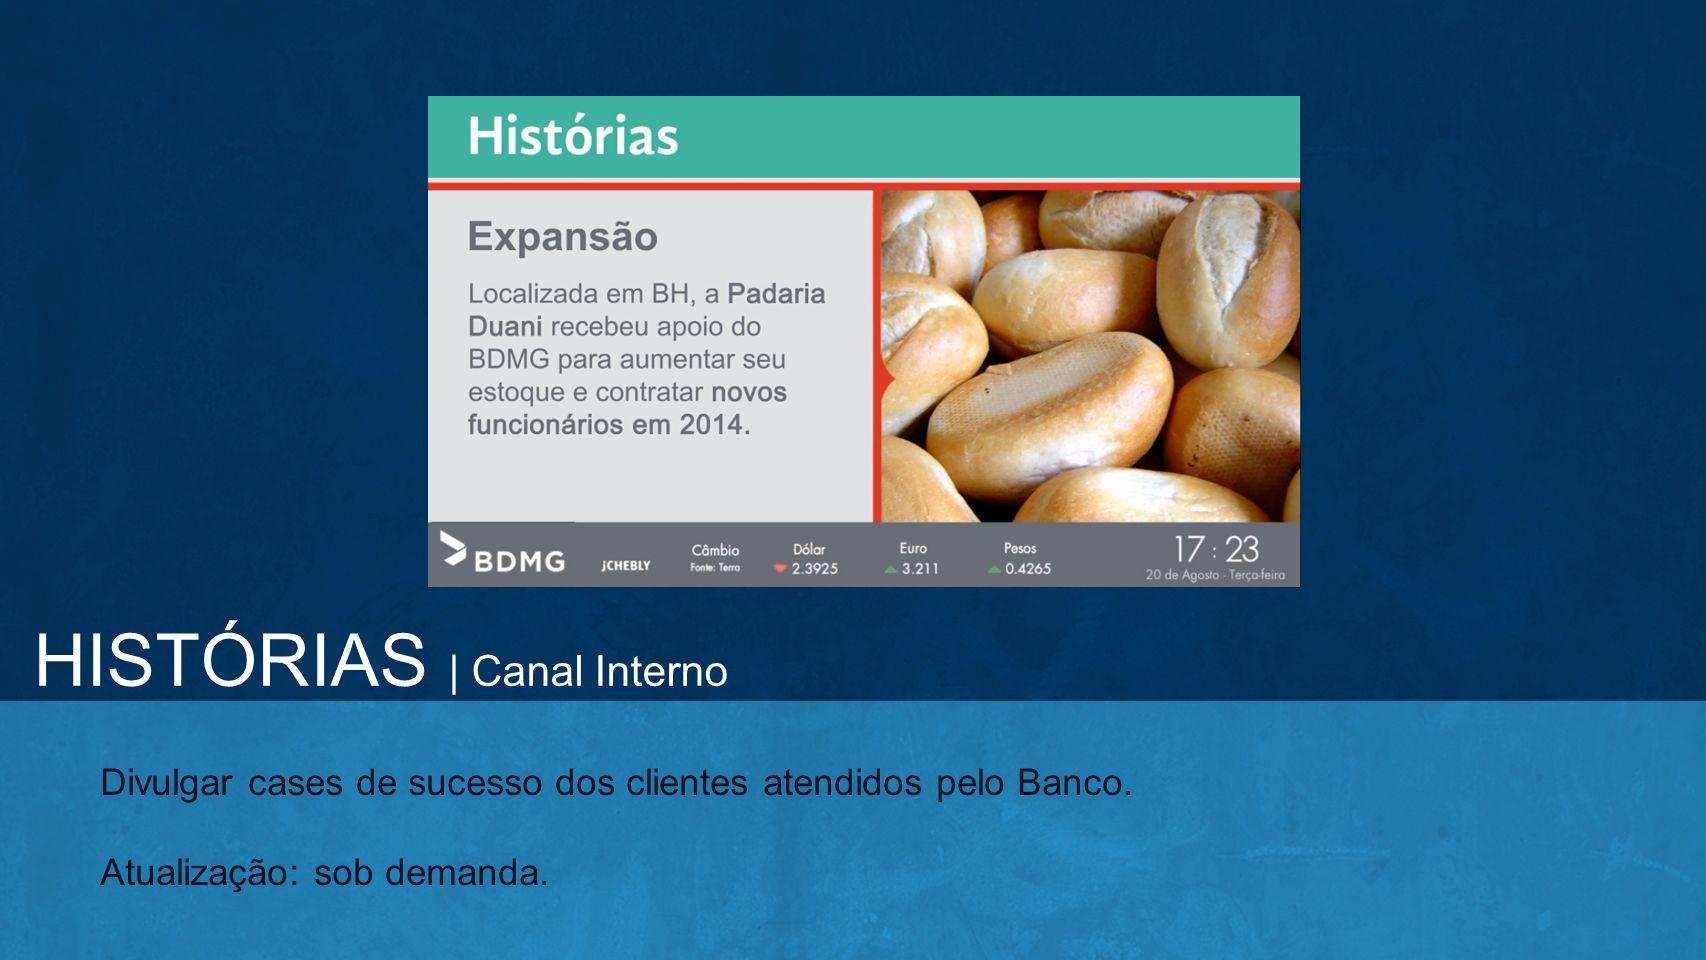 HISTÓRIAS | Canal Interno